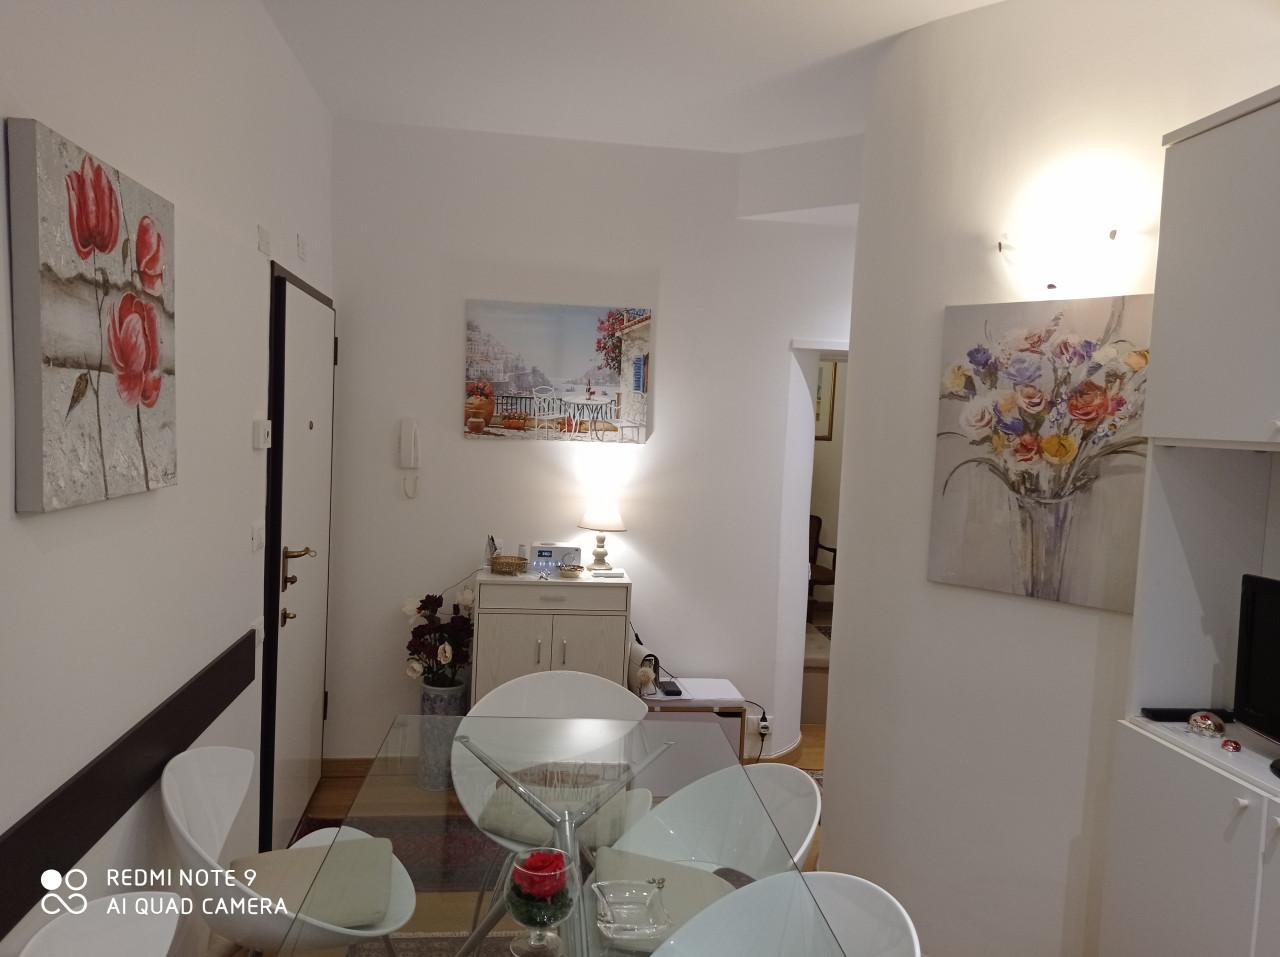 Quartiere Adriatico soluzione ristrutturata e arredata con corte esterna